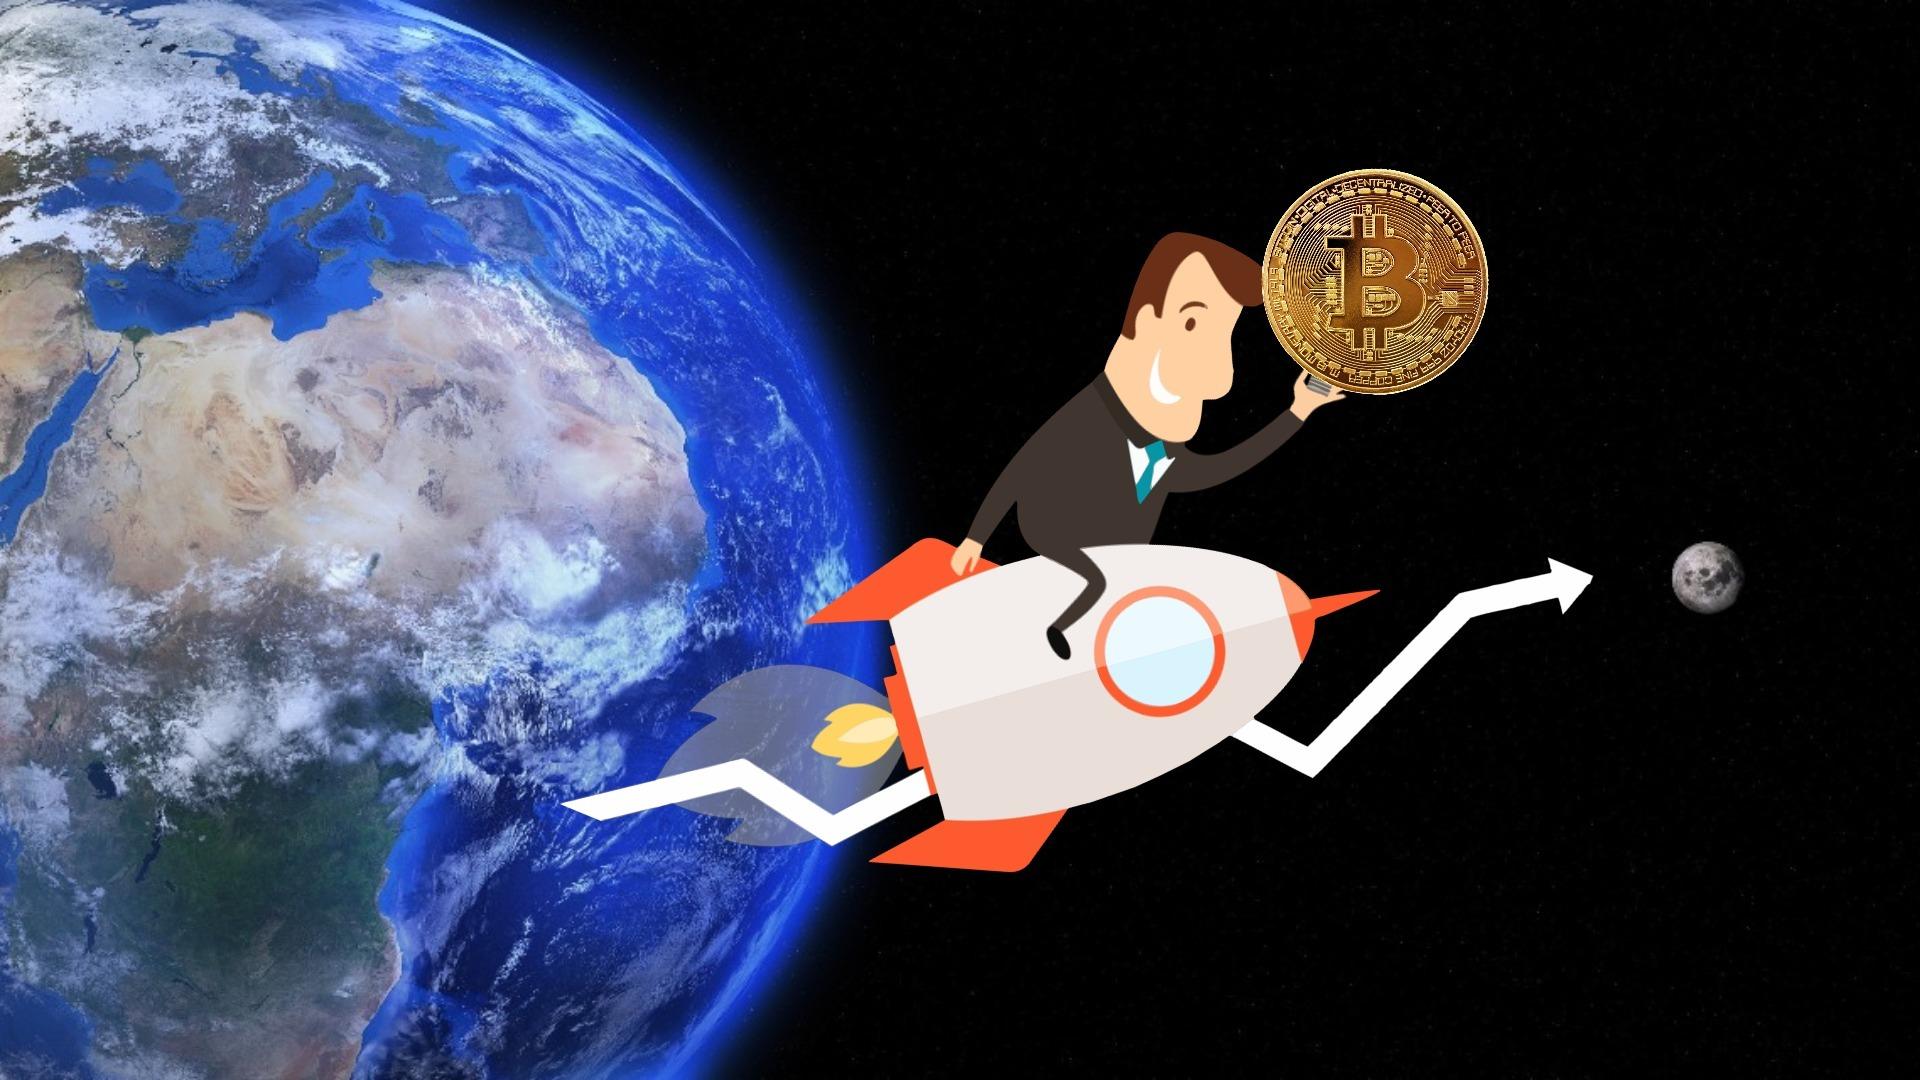 pantera bullish on bitcoin